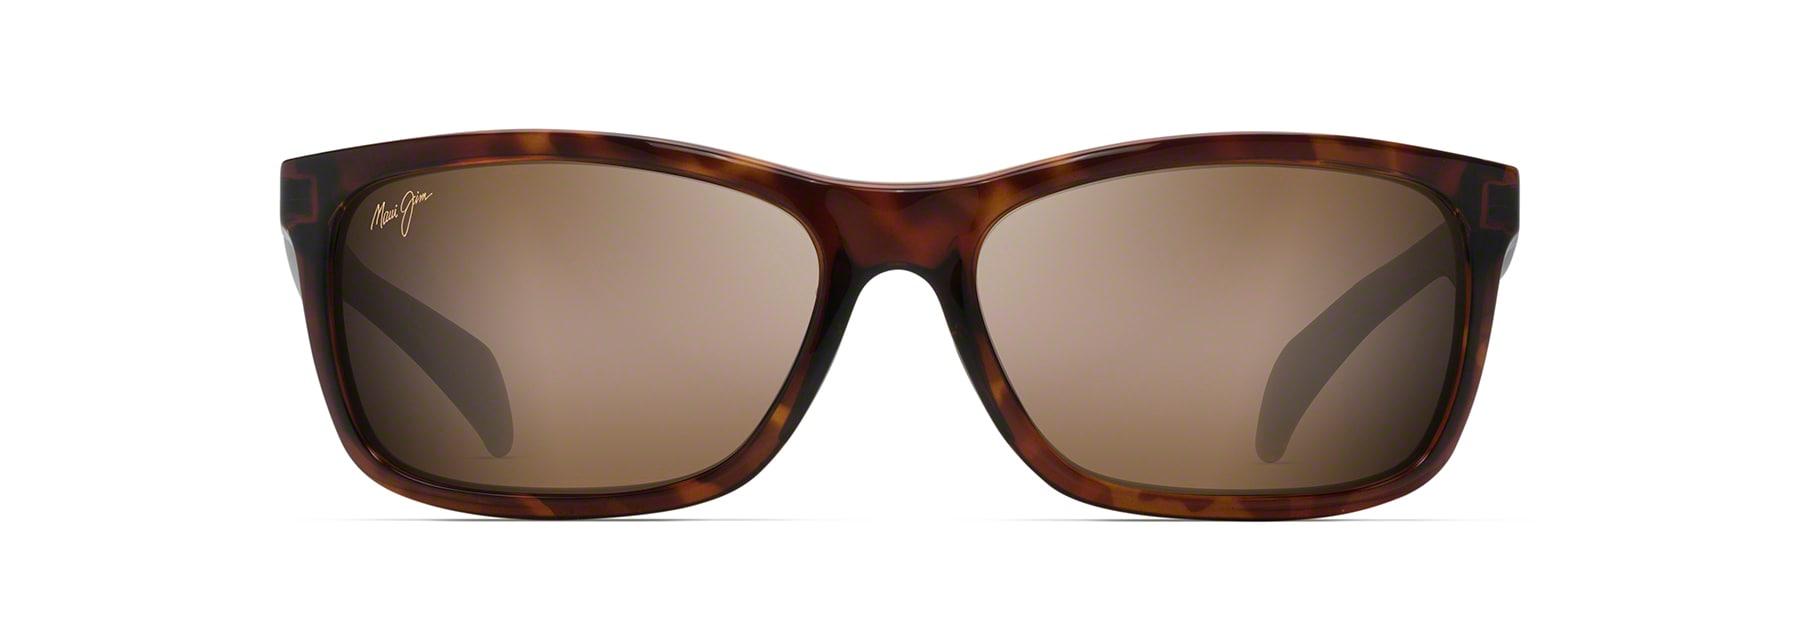 312ed3bf956b Puhi Polarized Sunglasses   Maui Jim®